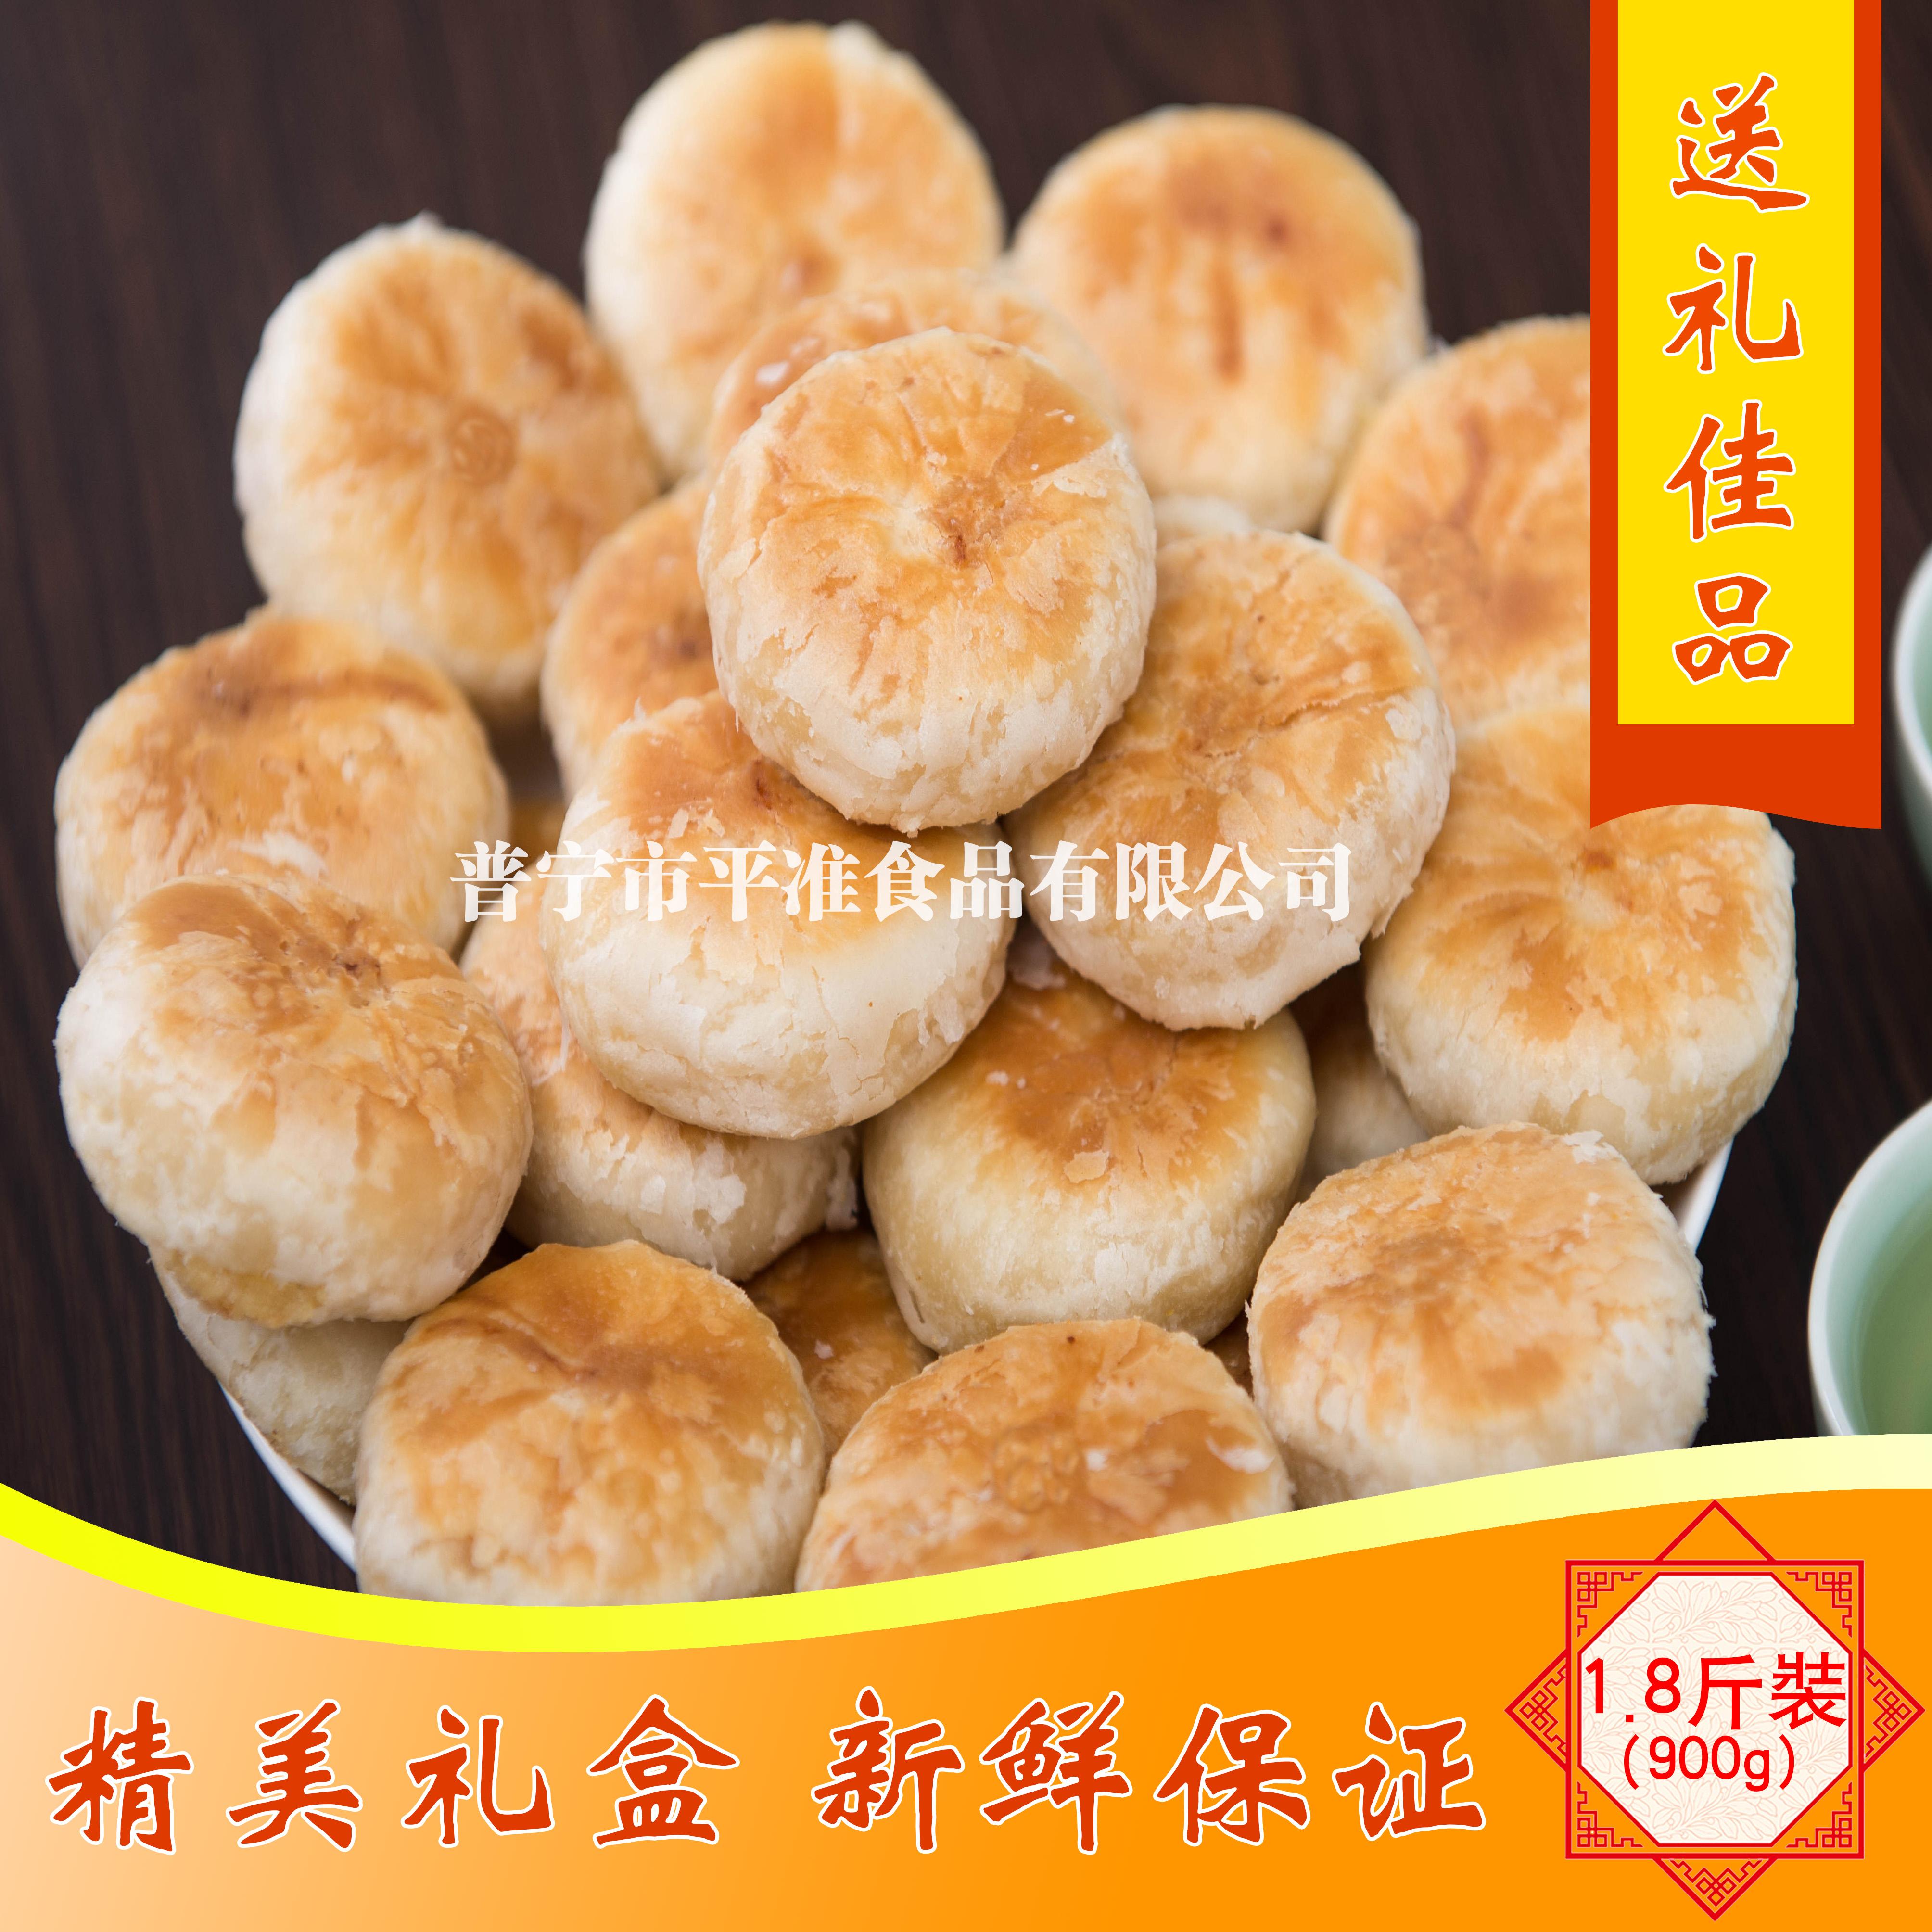 陈平准糖饼 潮汕特产 普宁特产 酥皮绿豆饼 糕点 酥饼  整箱售